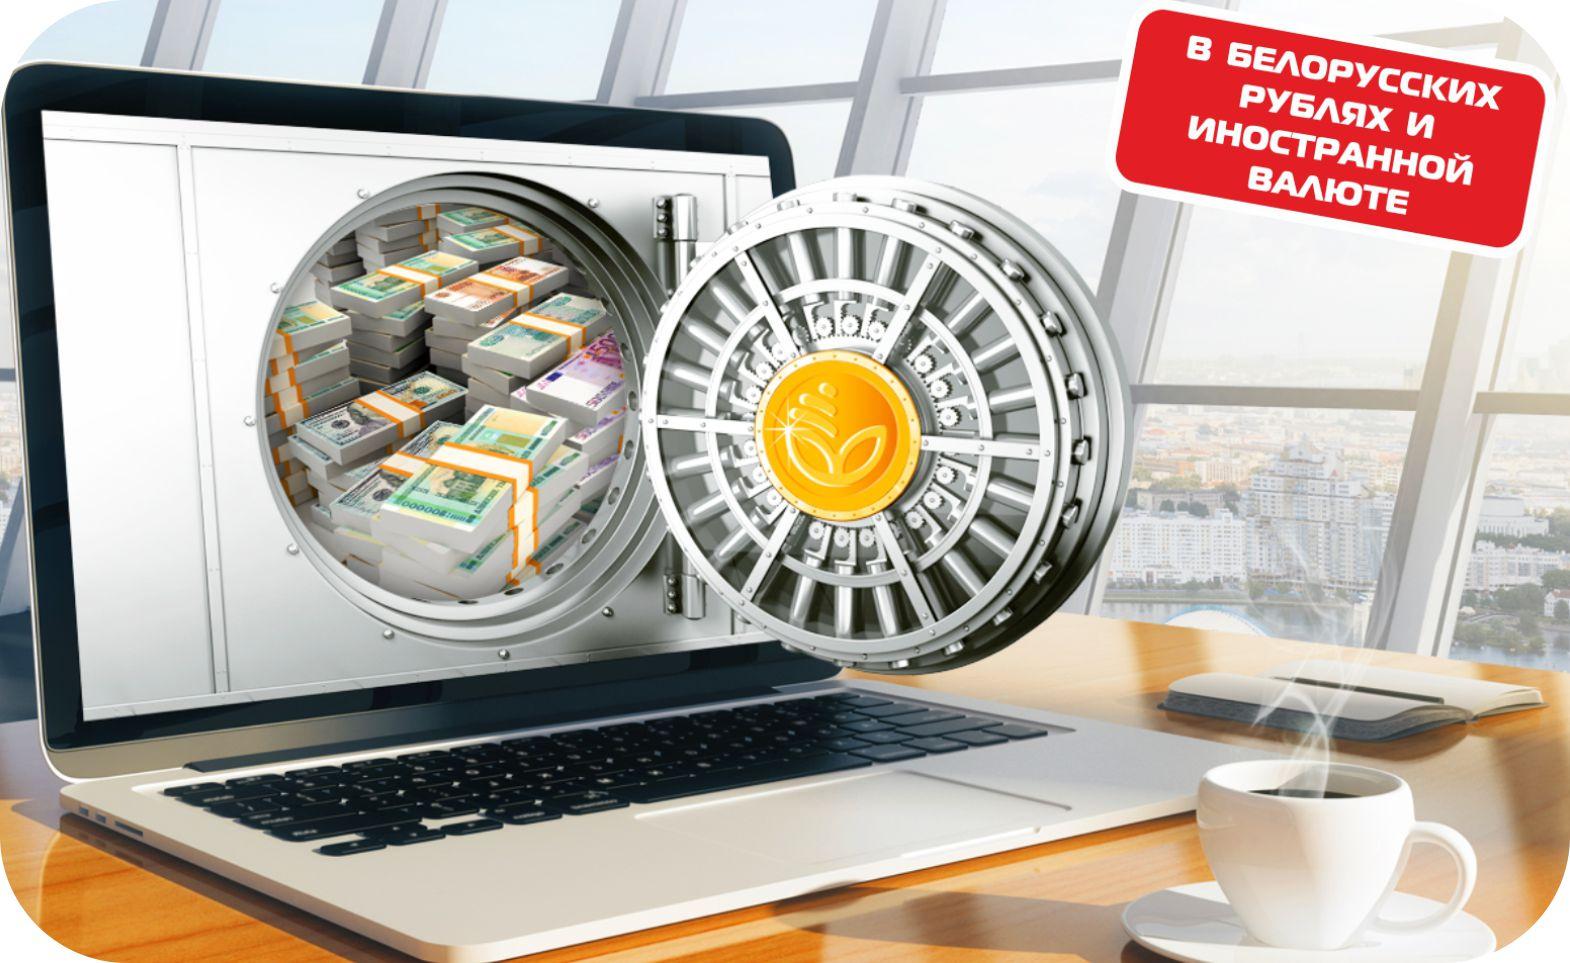 5 шагов по открытию интернет-депозита gro в ОАО Белагропромбанк 378